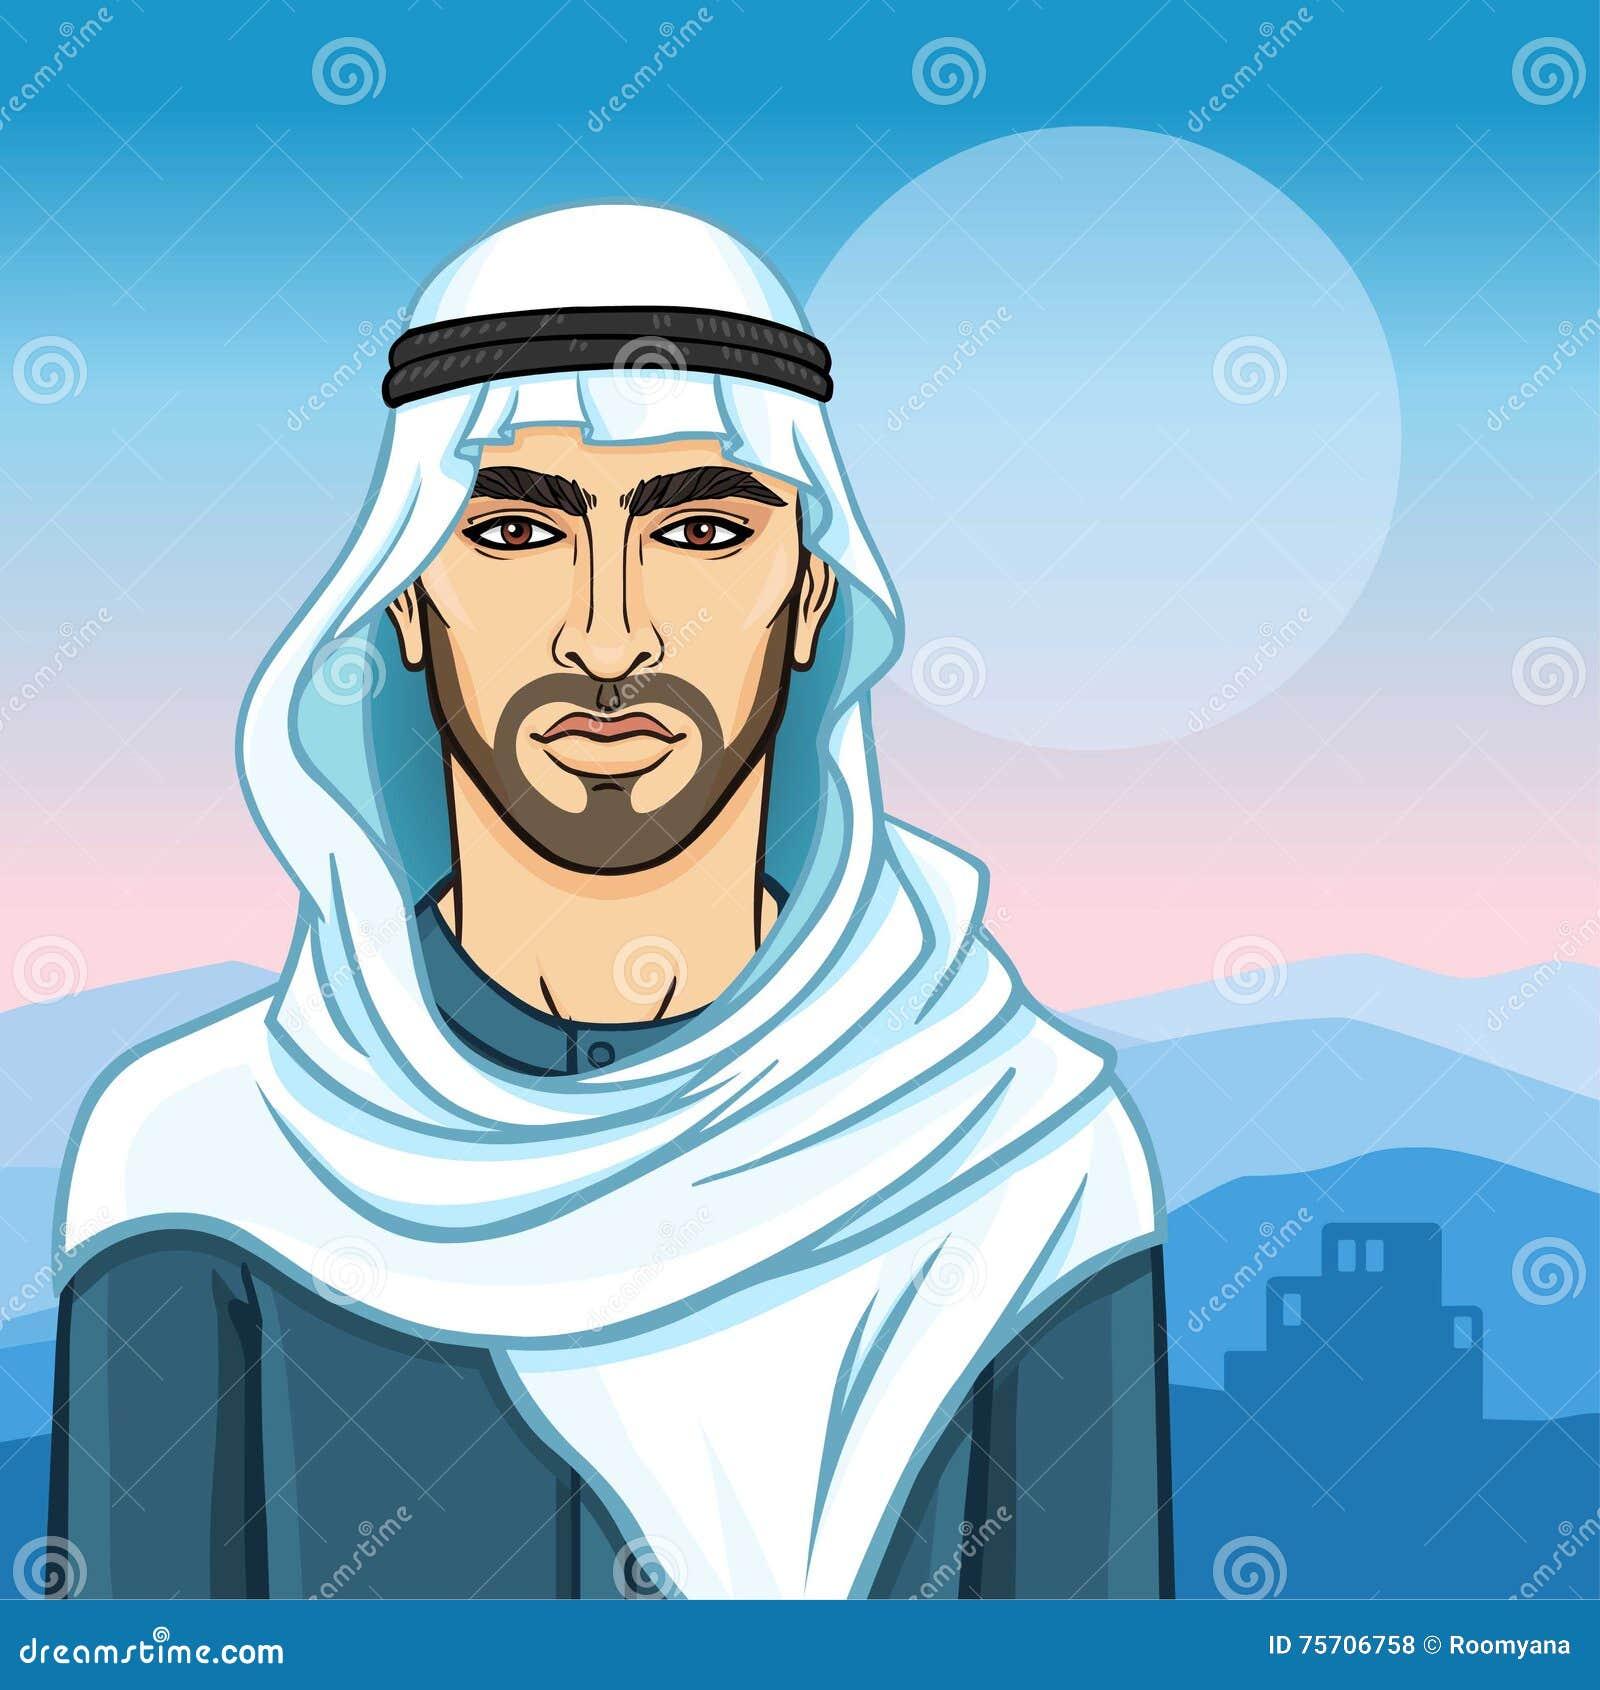 Muslim single men in blue mountain